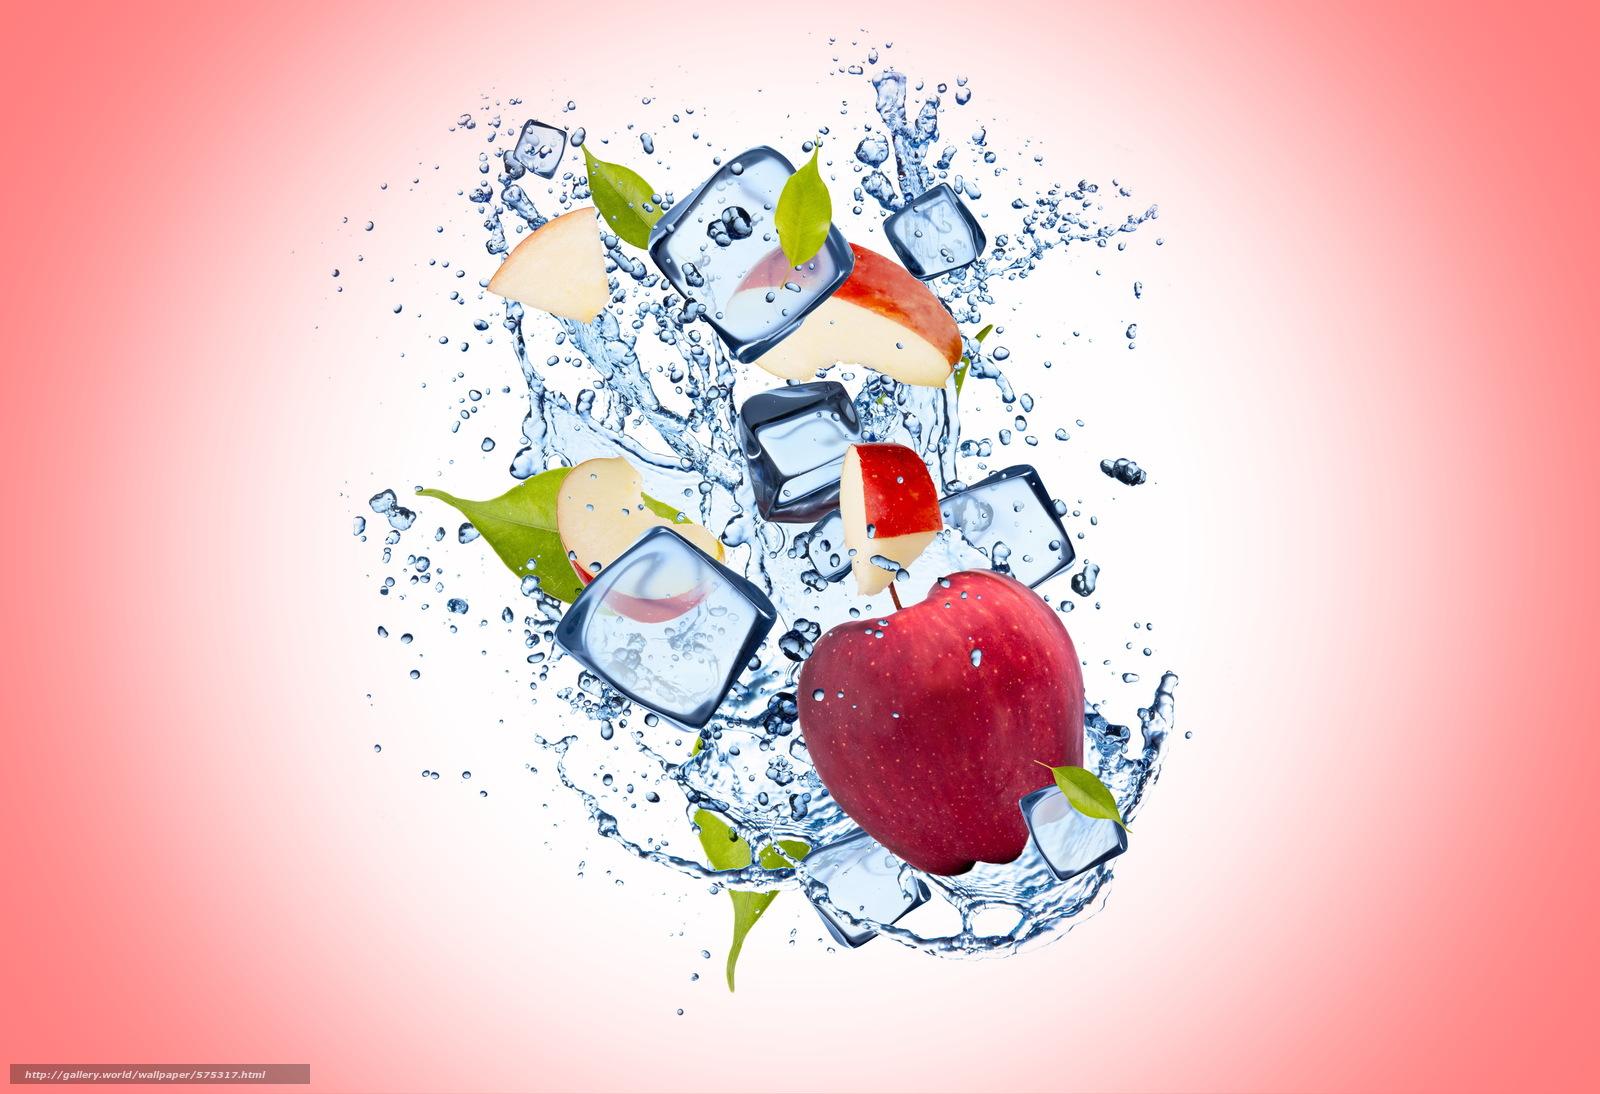 Scaricare Gli Sfondi Apple Acqua Gelato Sfondo Sfondi Gratis Per